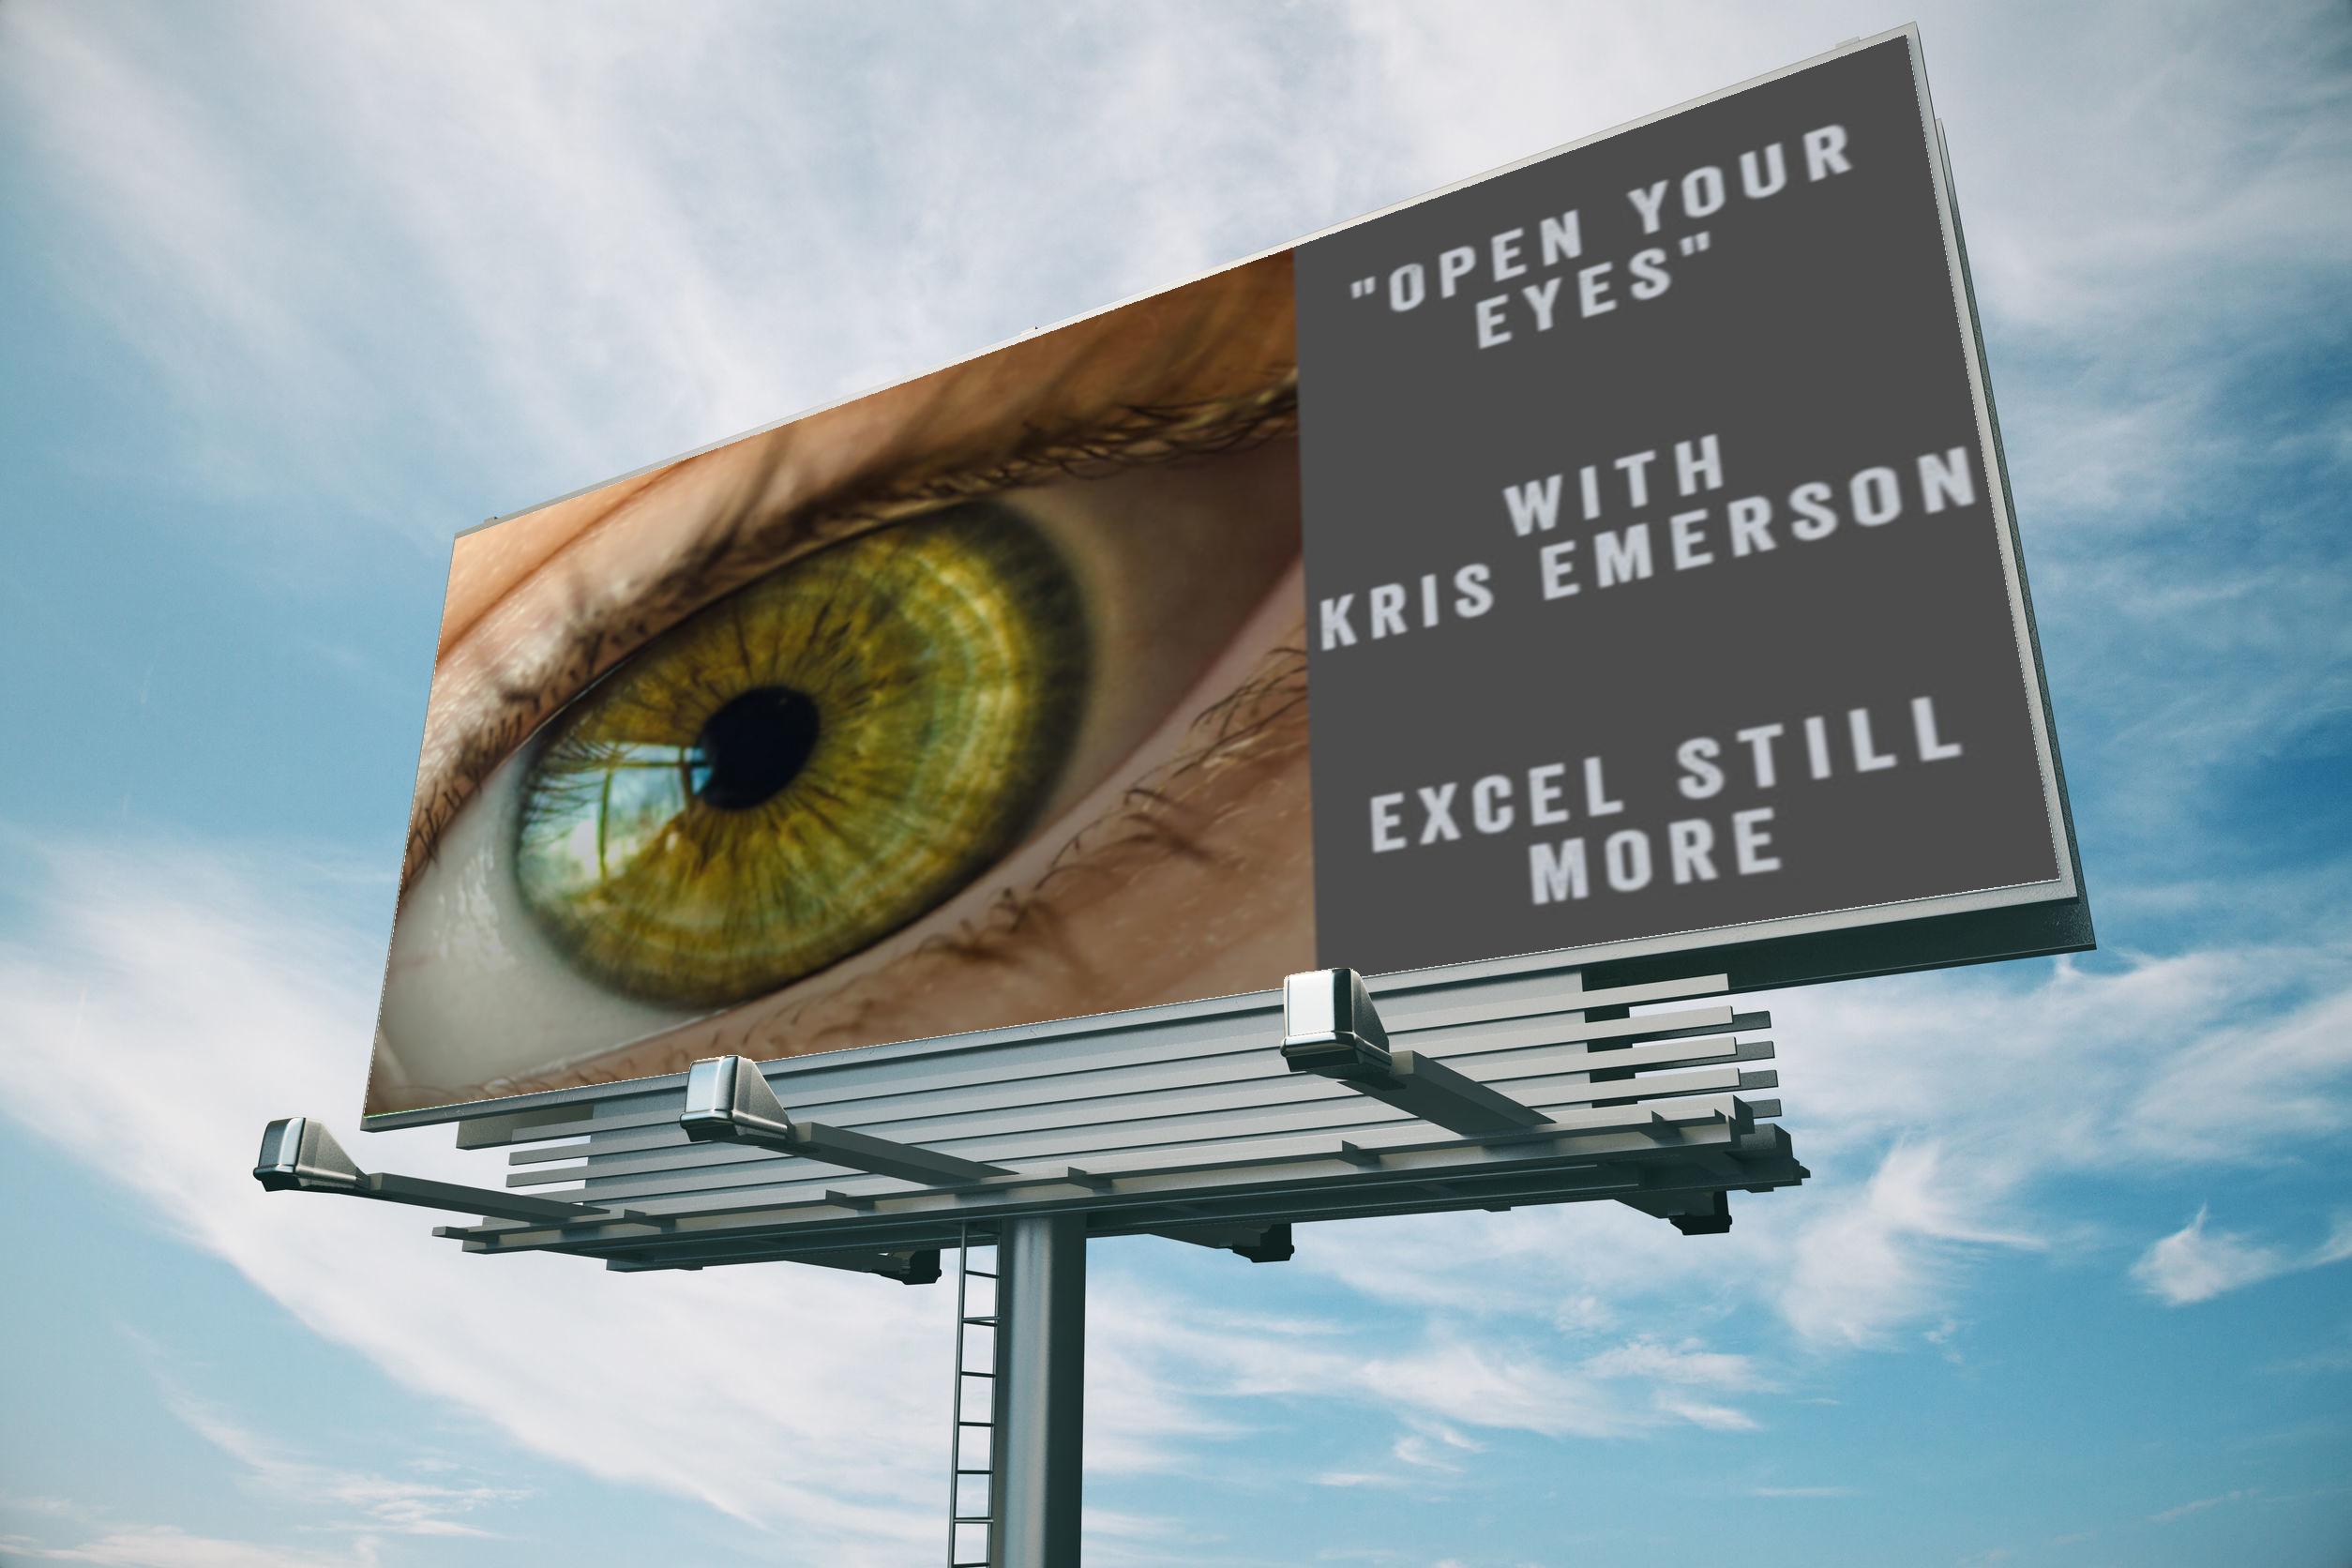 Open Your Eyes - Bill Board